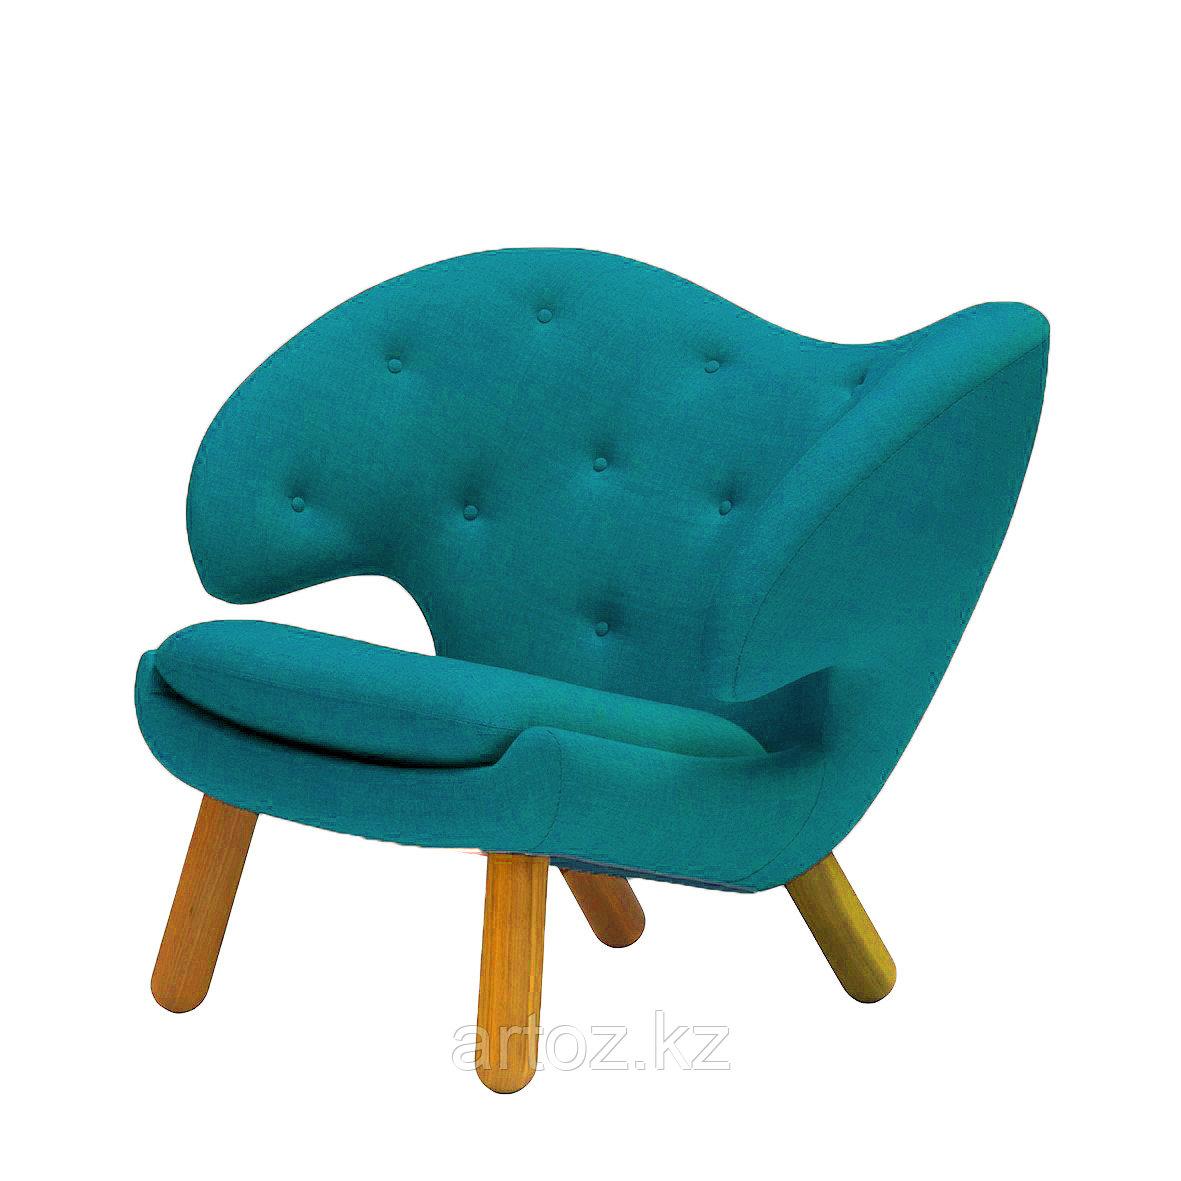 Кресло Pelican (turquoise)